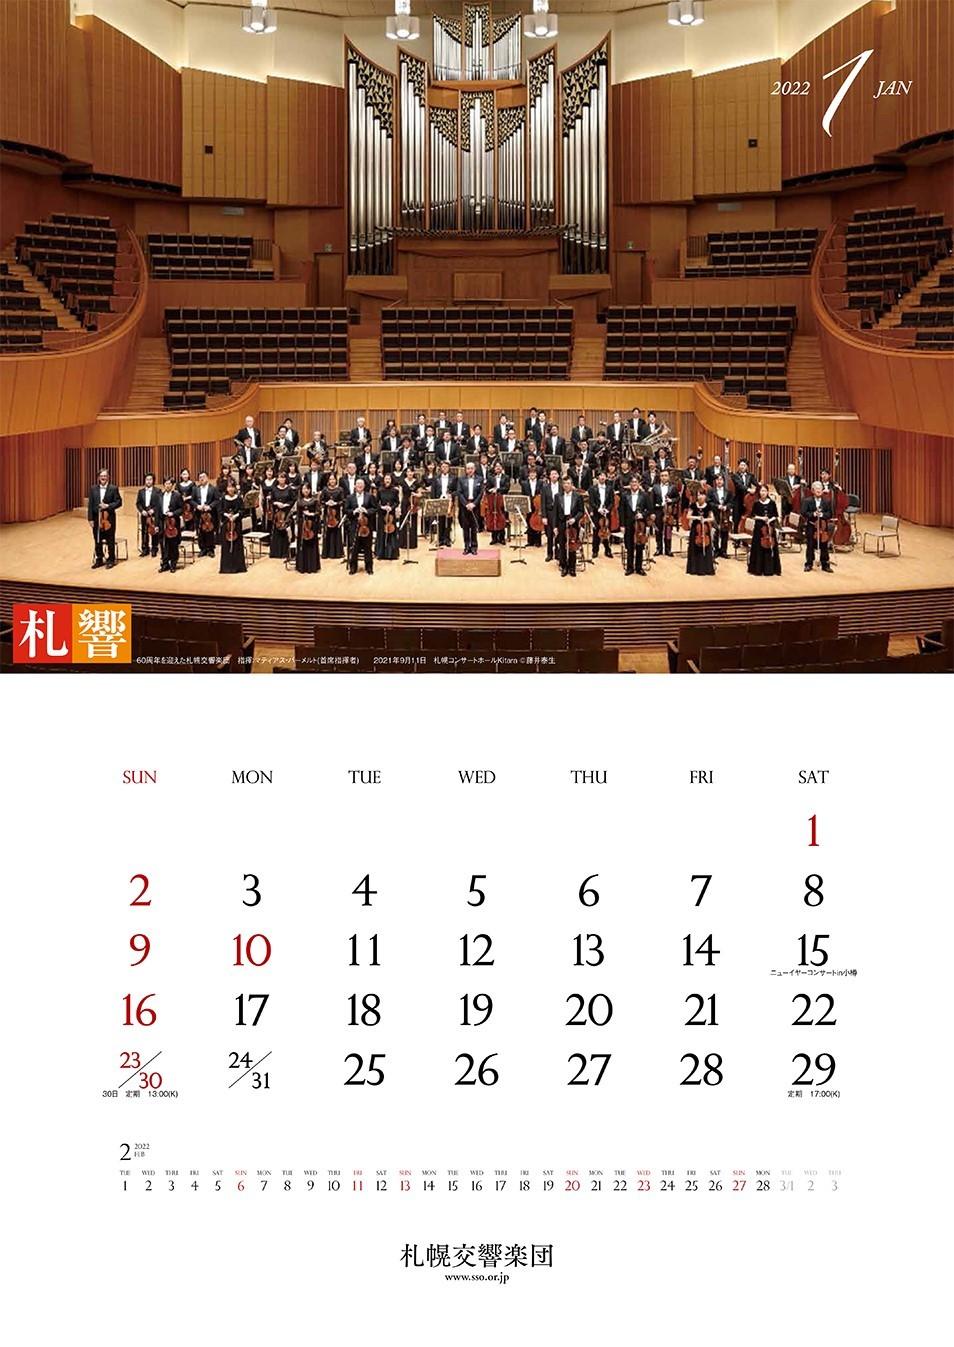 『2022年札響カレンダー』は11月から発売します。